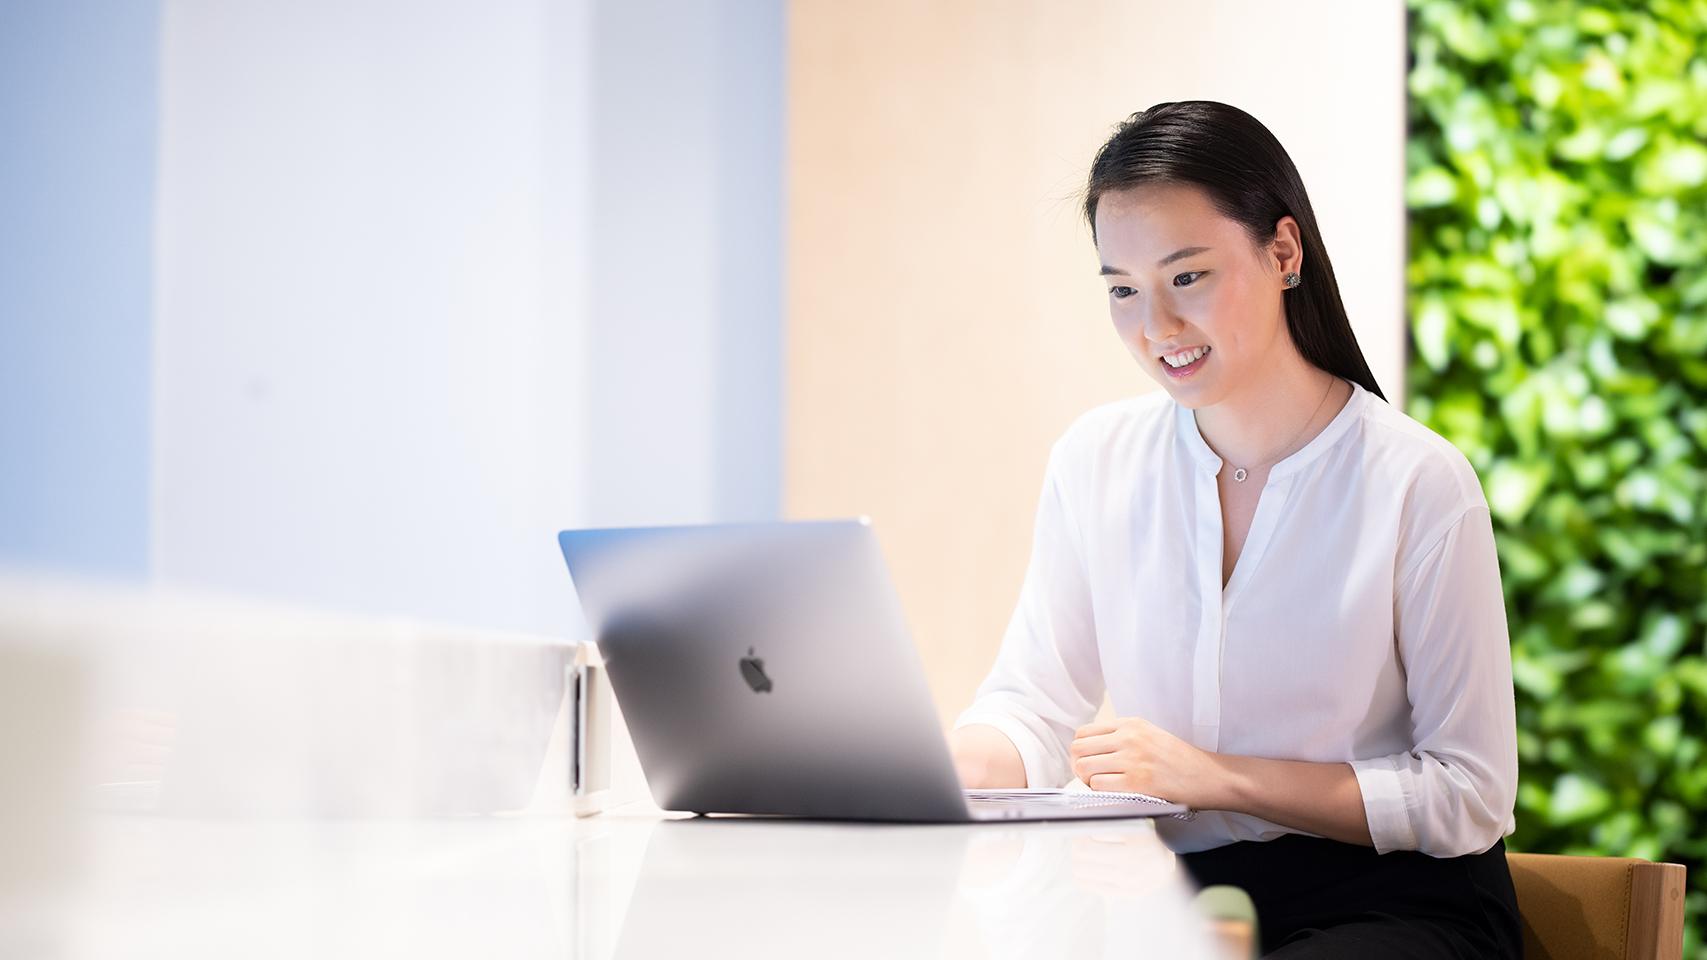 Alex-Wang-MSc-in-Finance-CUHK-Business-School